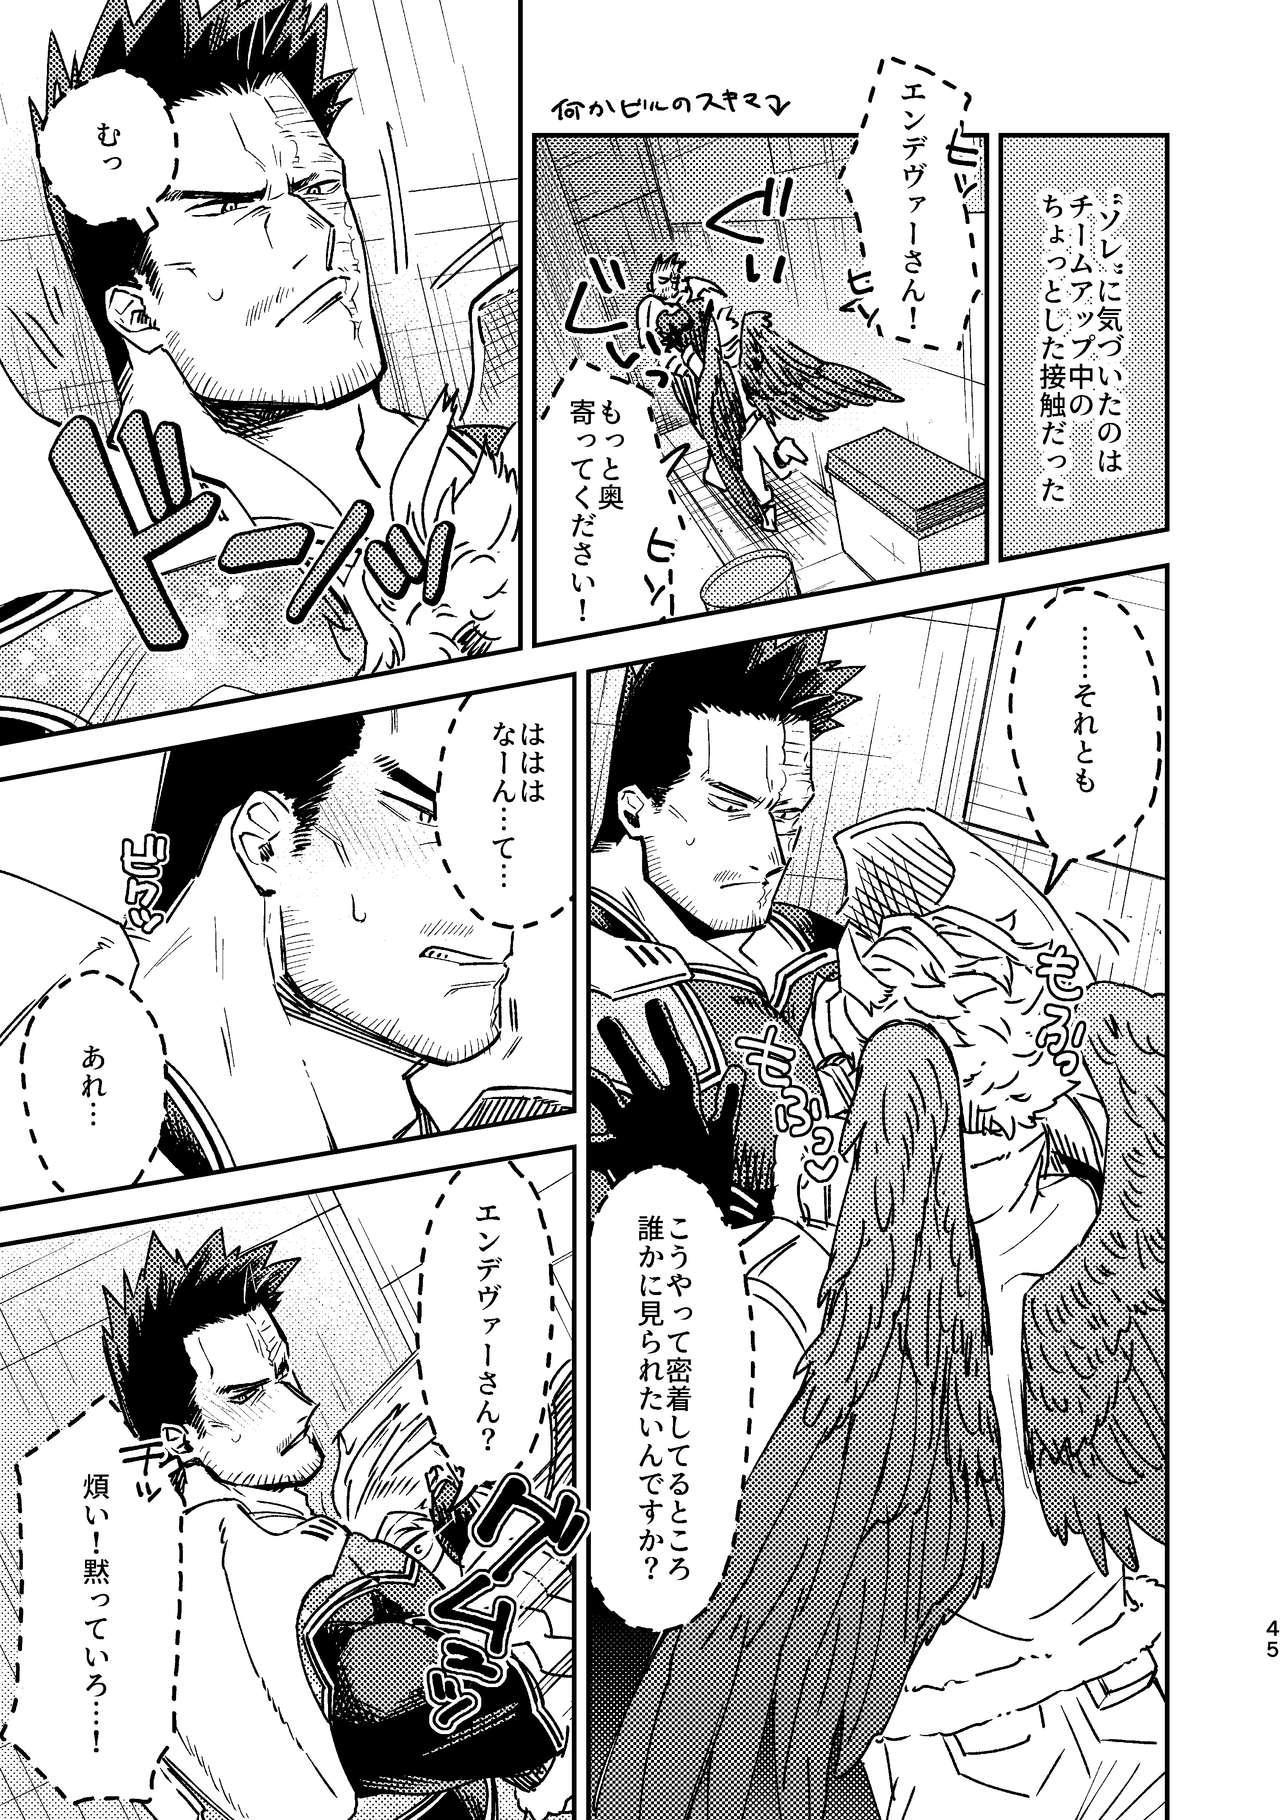 WEB Sairoku Zumi HawEn Manga ga Kami demo Yomeru Hon. 44